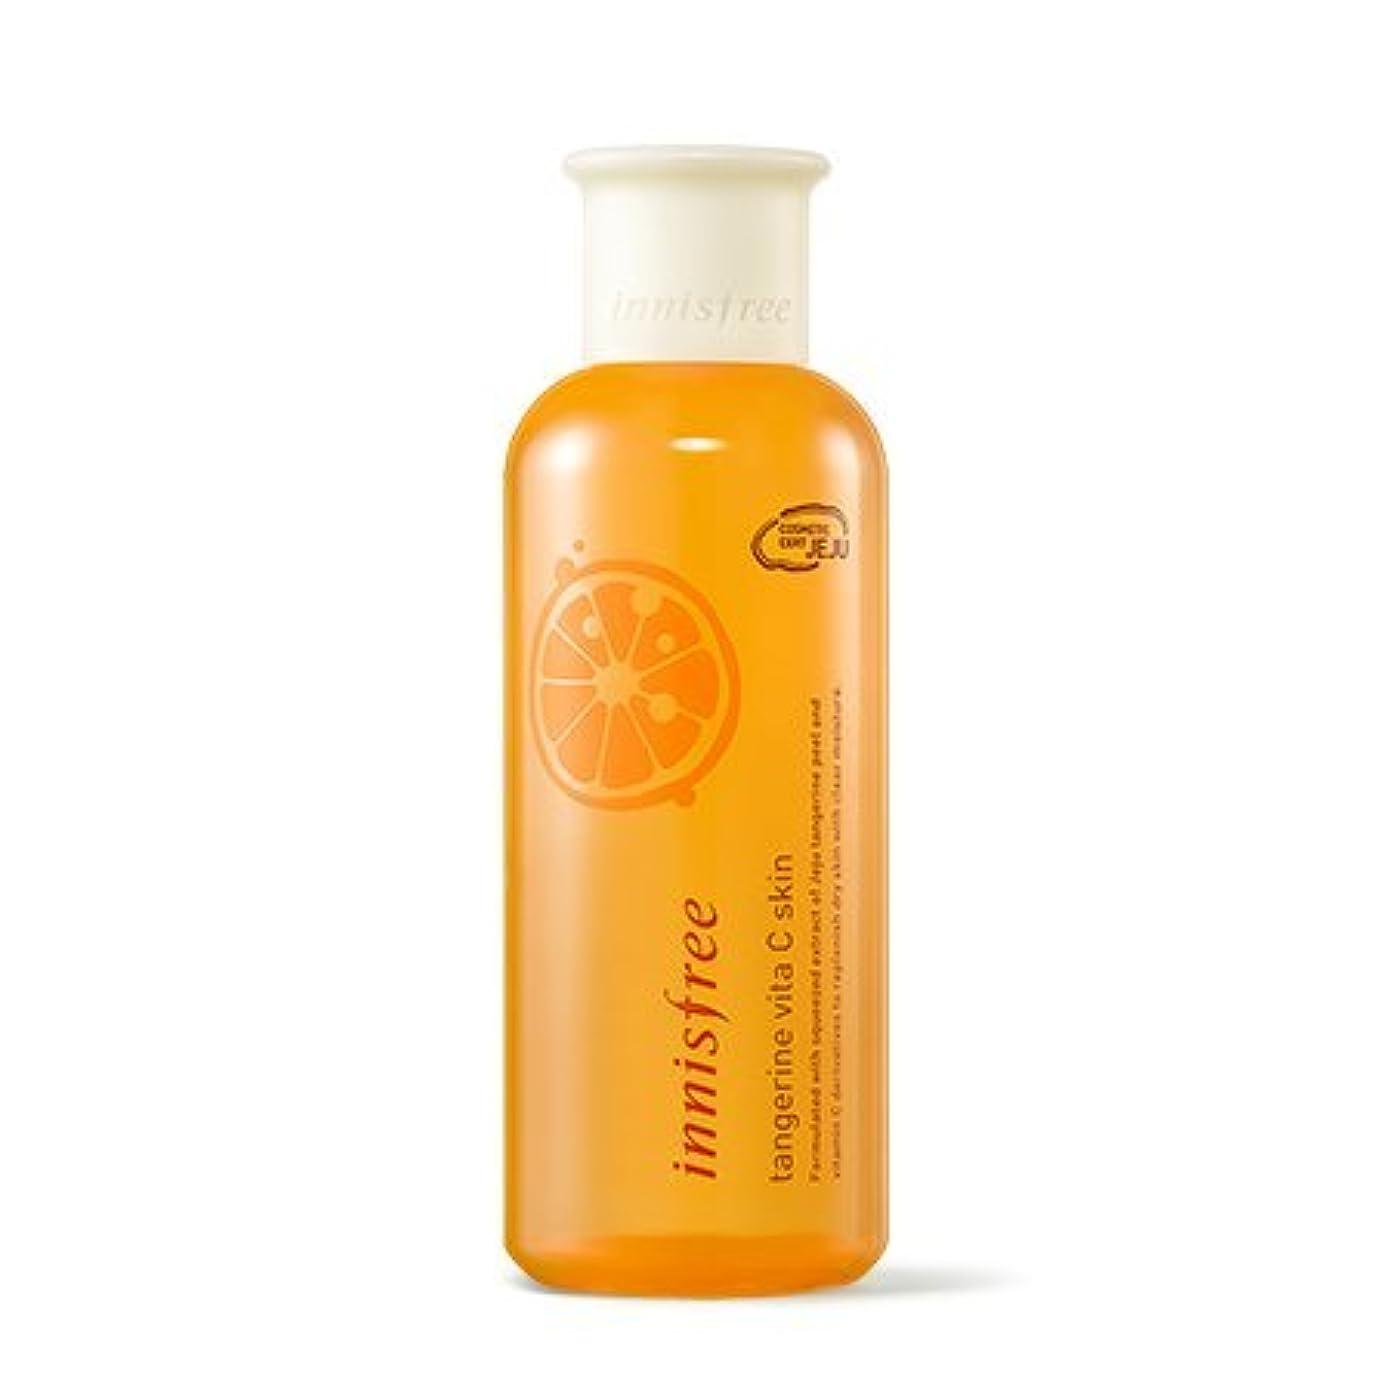 アンカーコンペガロン[New] innisfree Tangerine Vita C Skin 200ml/イニスフリー タンジェリン ビタ C スキン 200ml [並行輸入品]